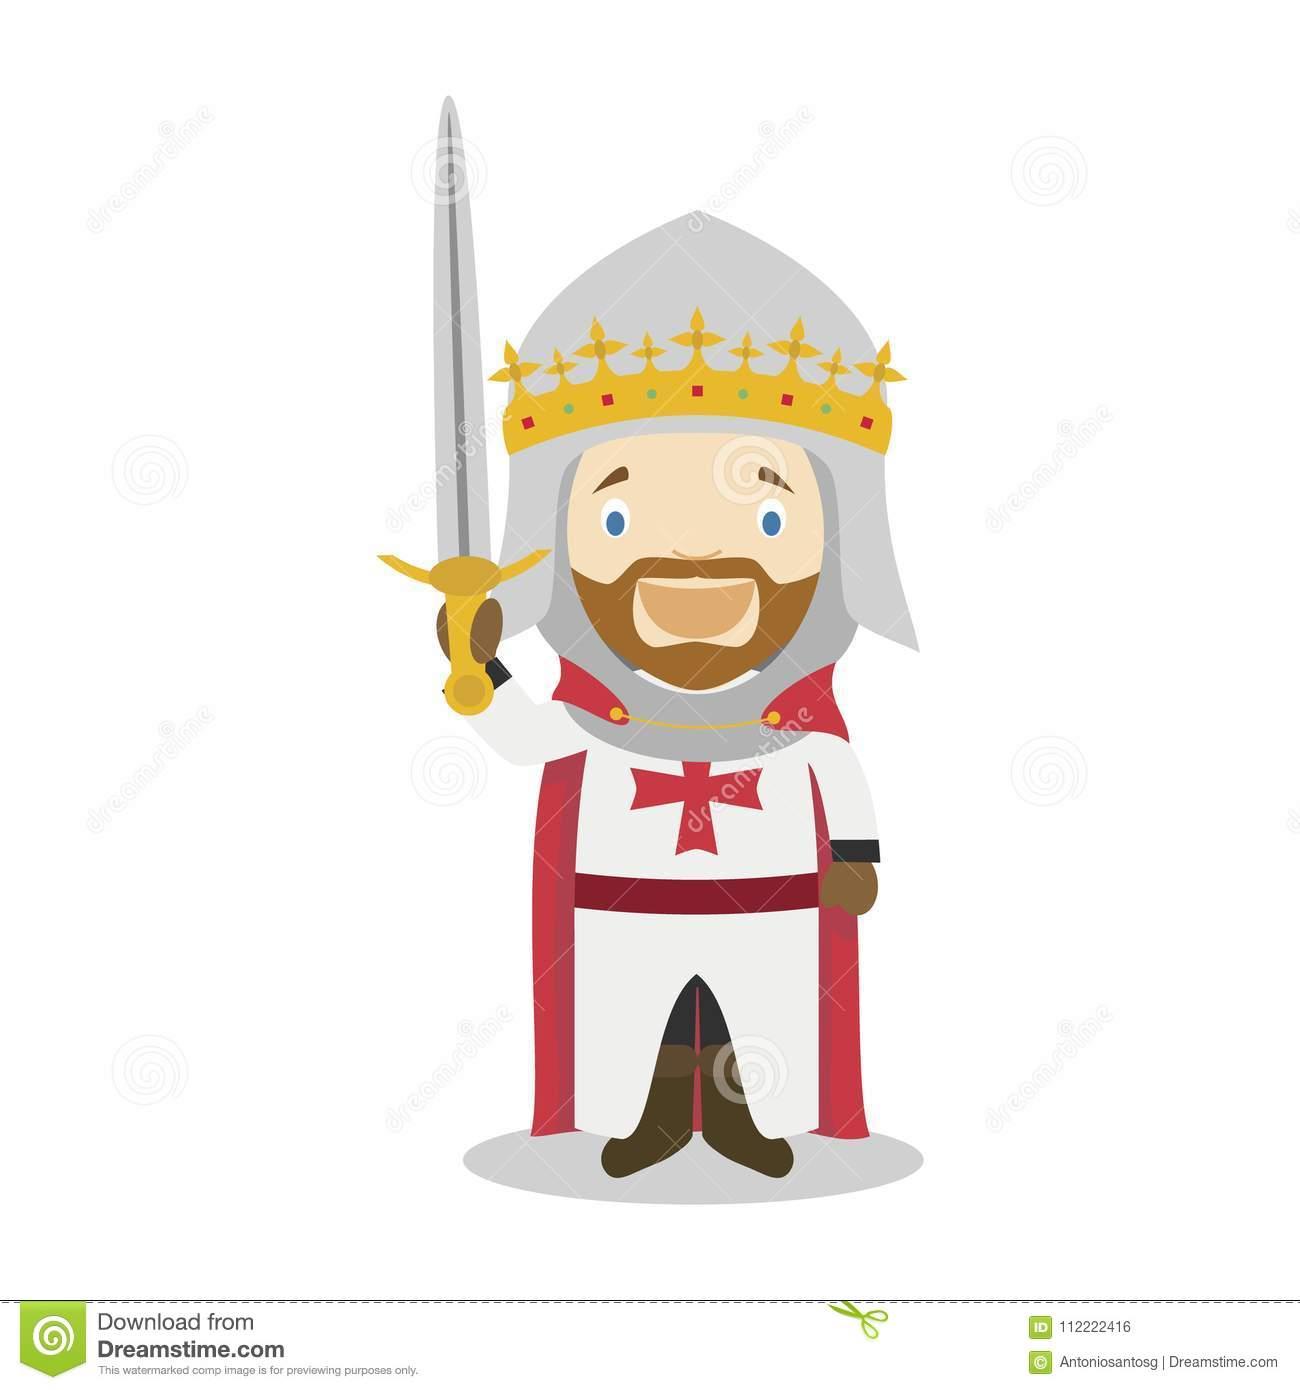 Richard I De L'angleterre Le Personnage De Dessin Animé De dedans Dessin De Angleterre